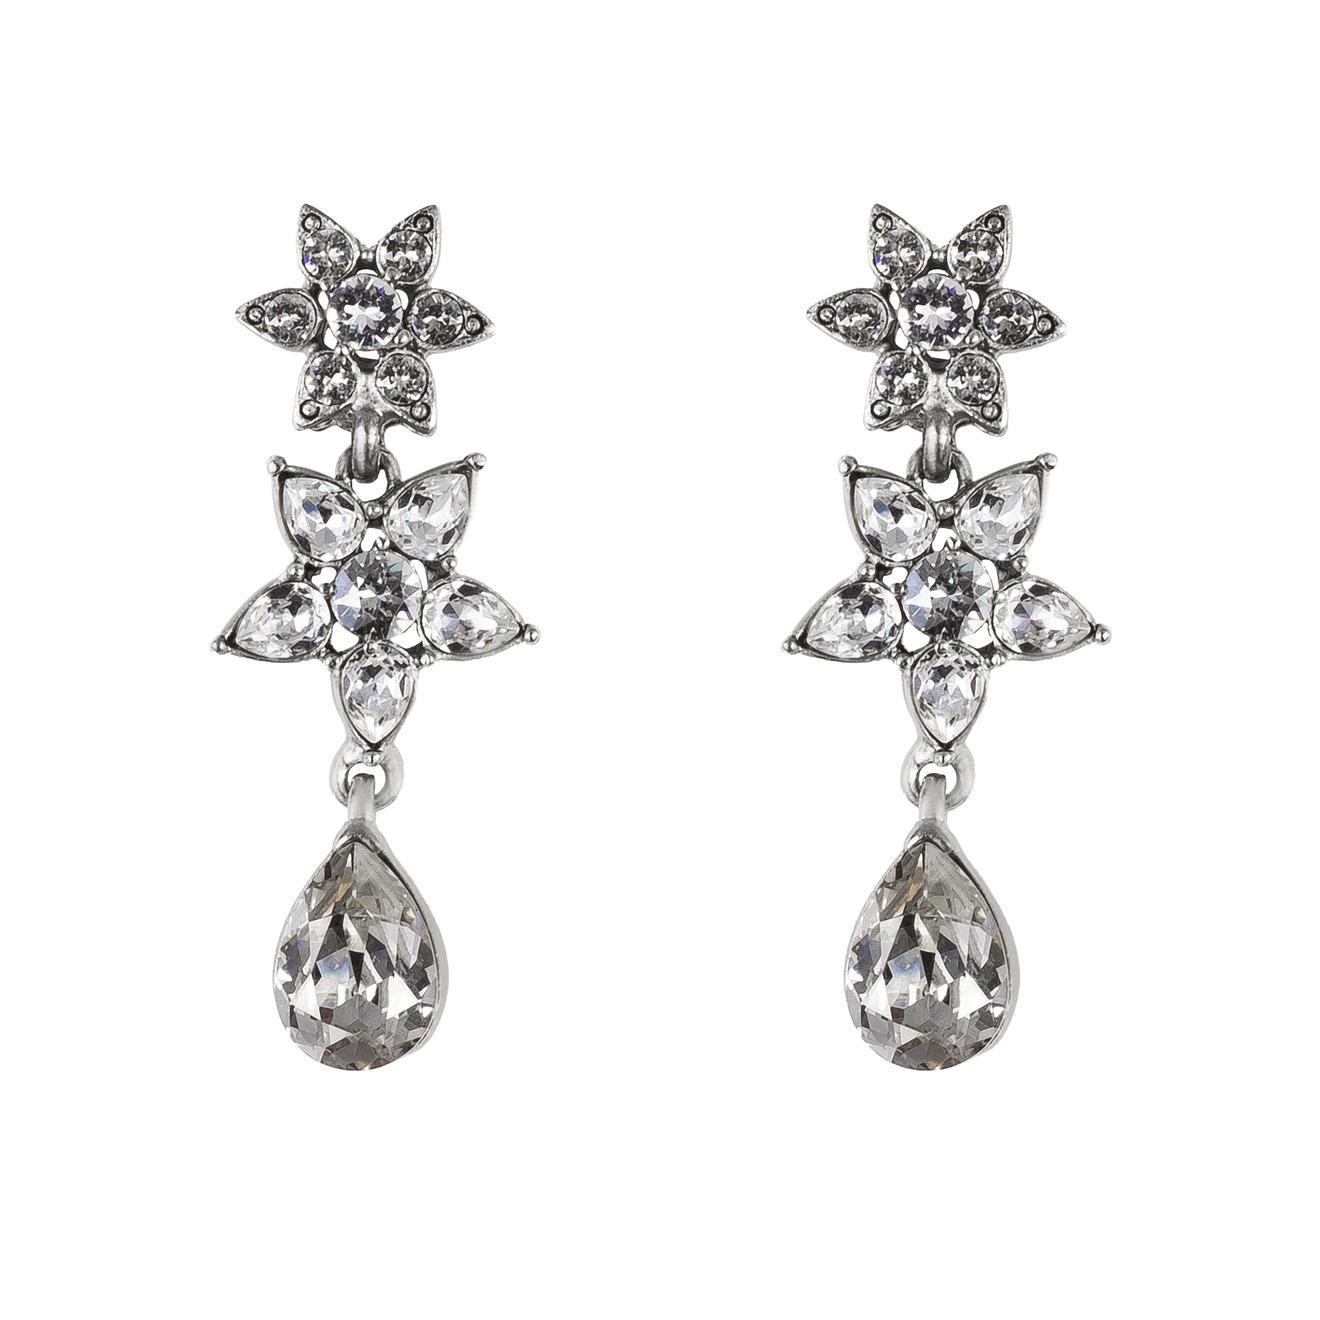 Oscar de la Renta Серебристые клипсы-цветы с кристаллами